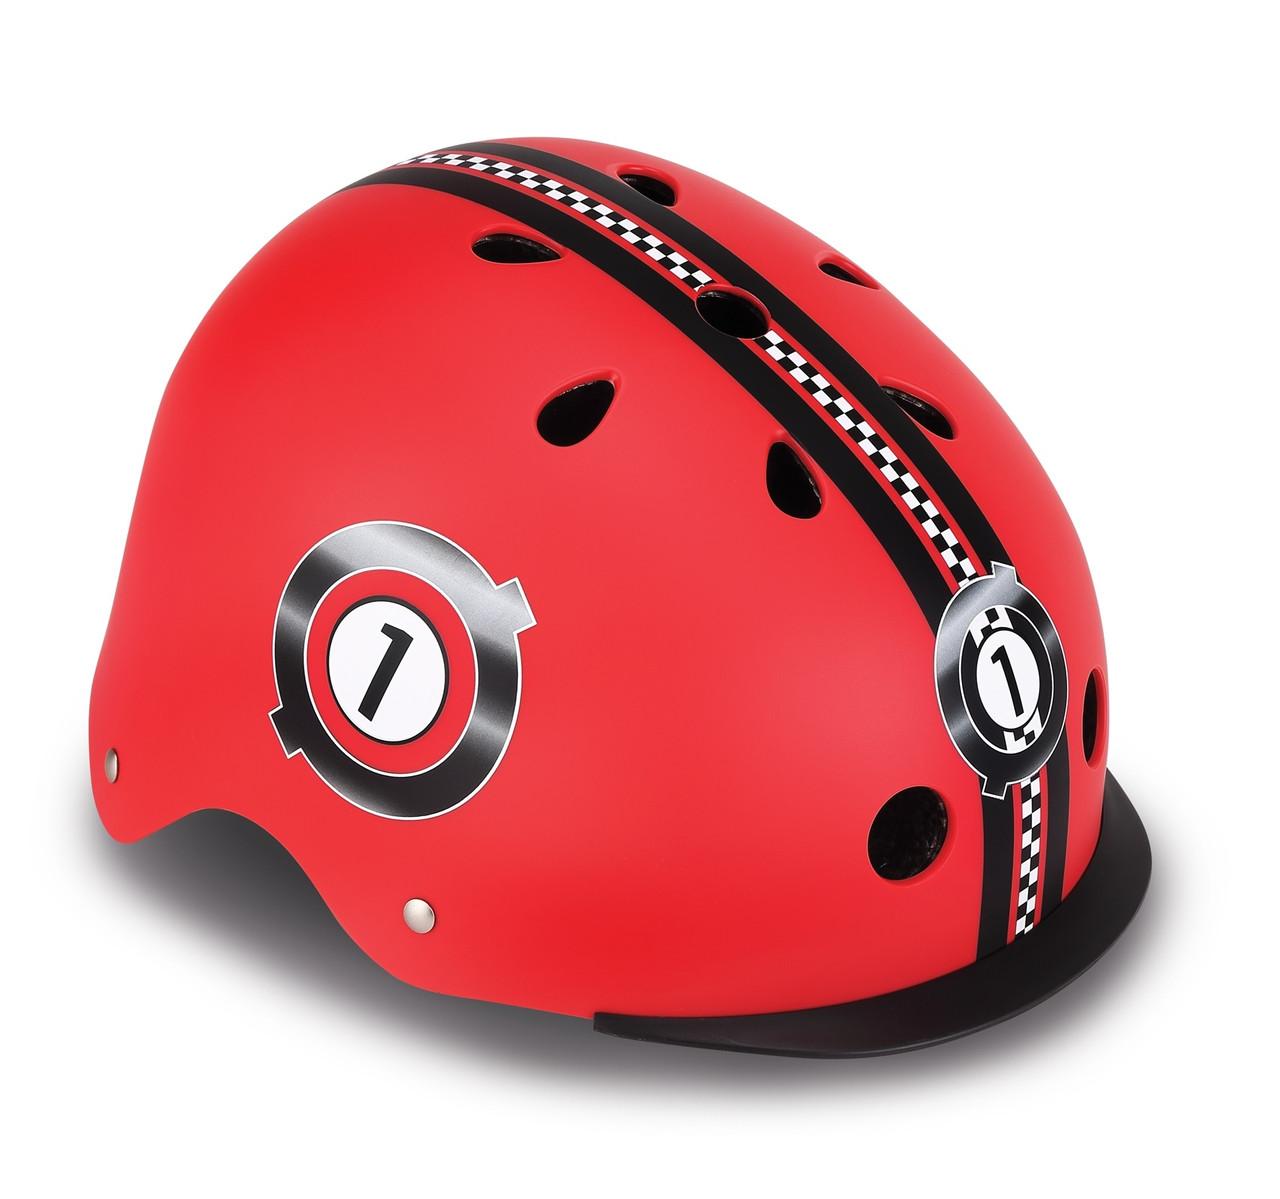 Шлем защитный детский Globber Гонки красный, с фонариком, 48-53см (507-102)